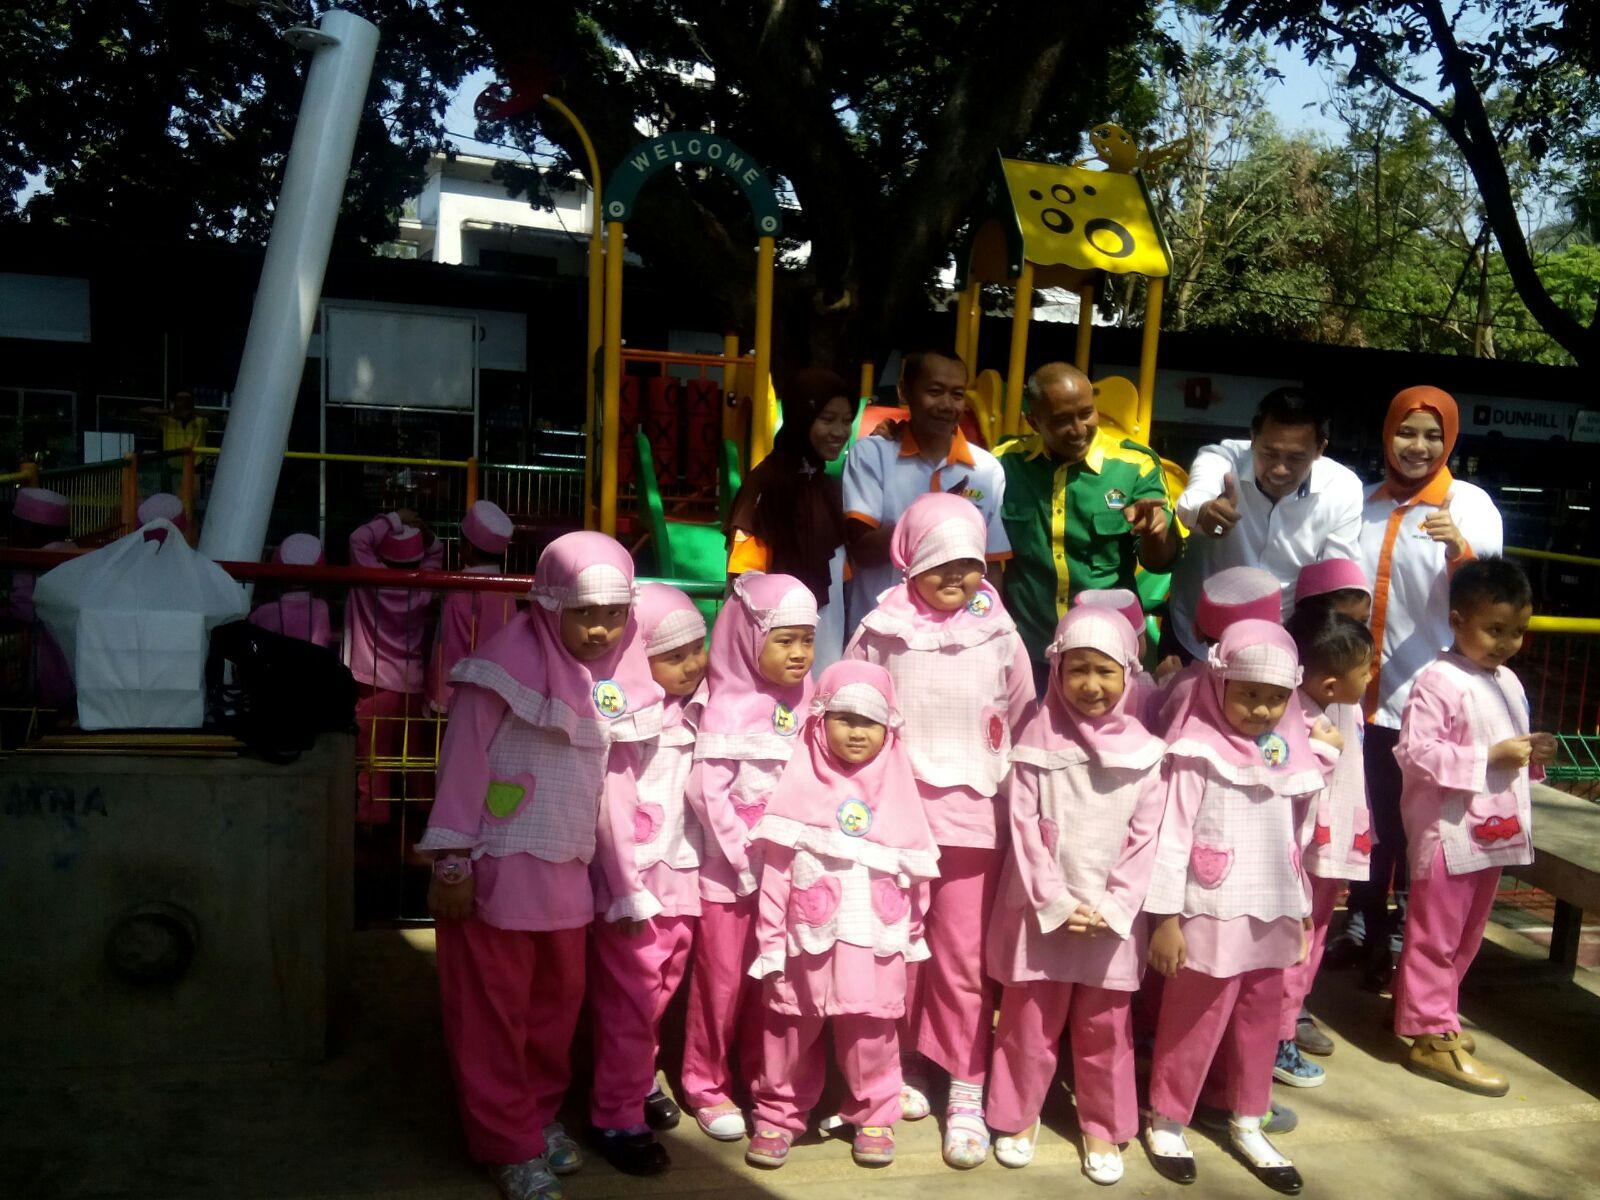 Proses Pemasangan  Playgorund Di Taman Cerdas Trunojoyo Kota Malang